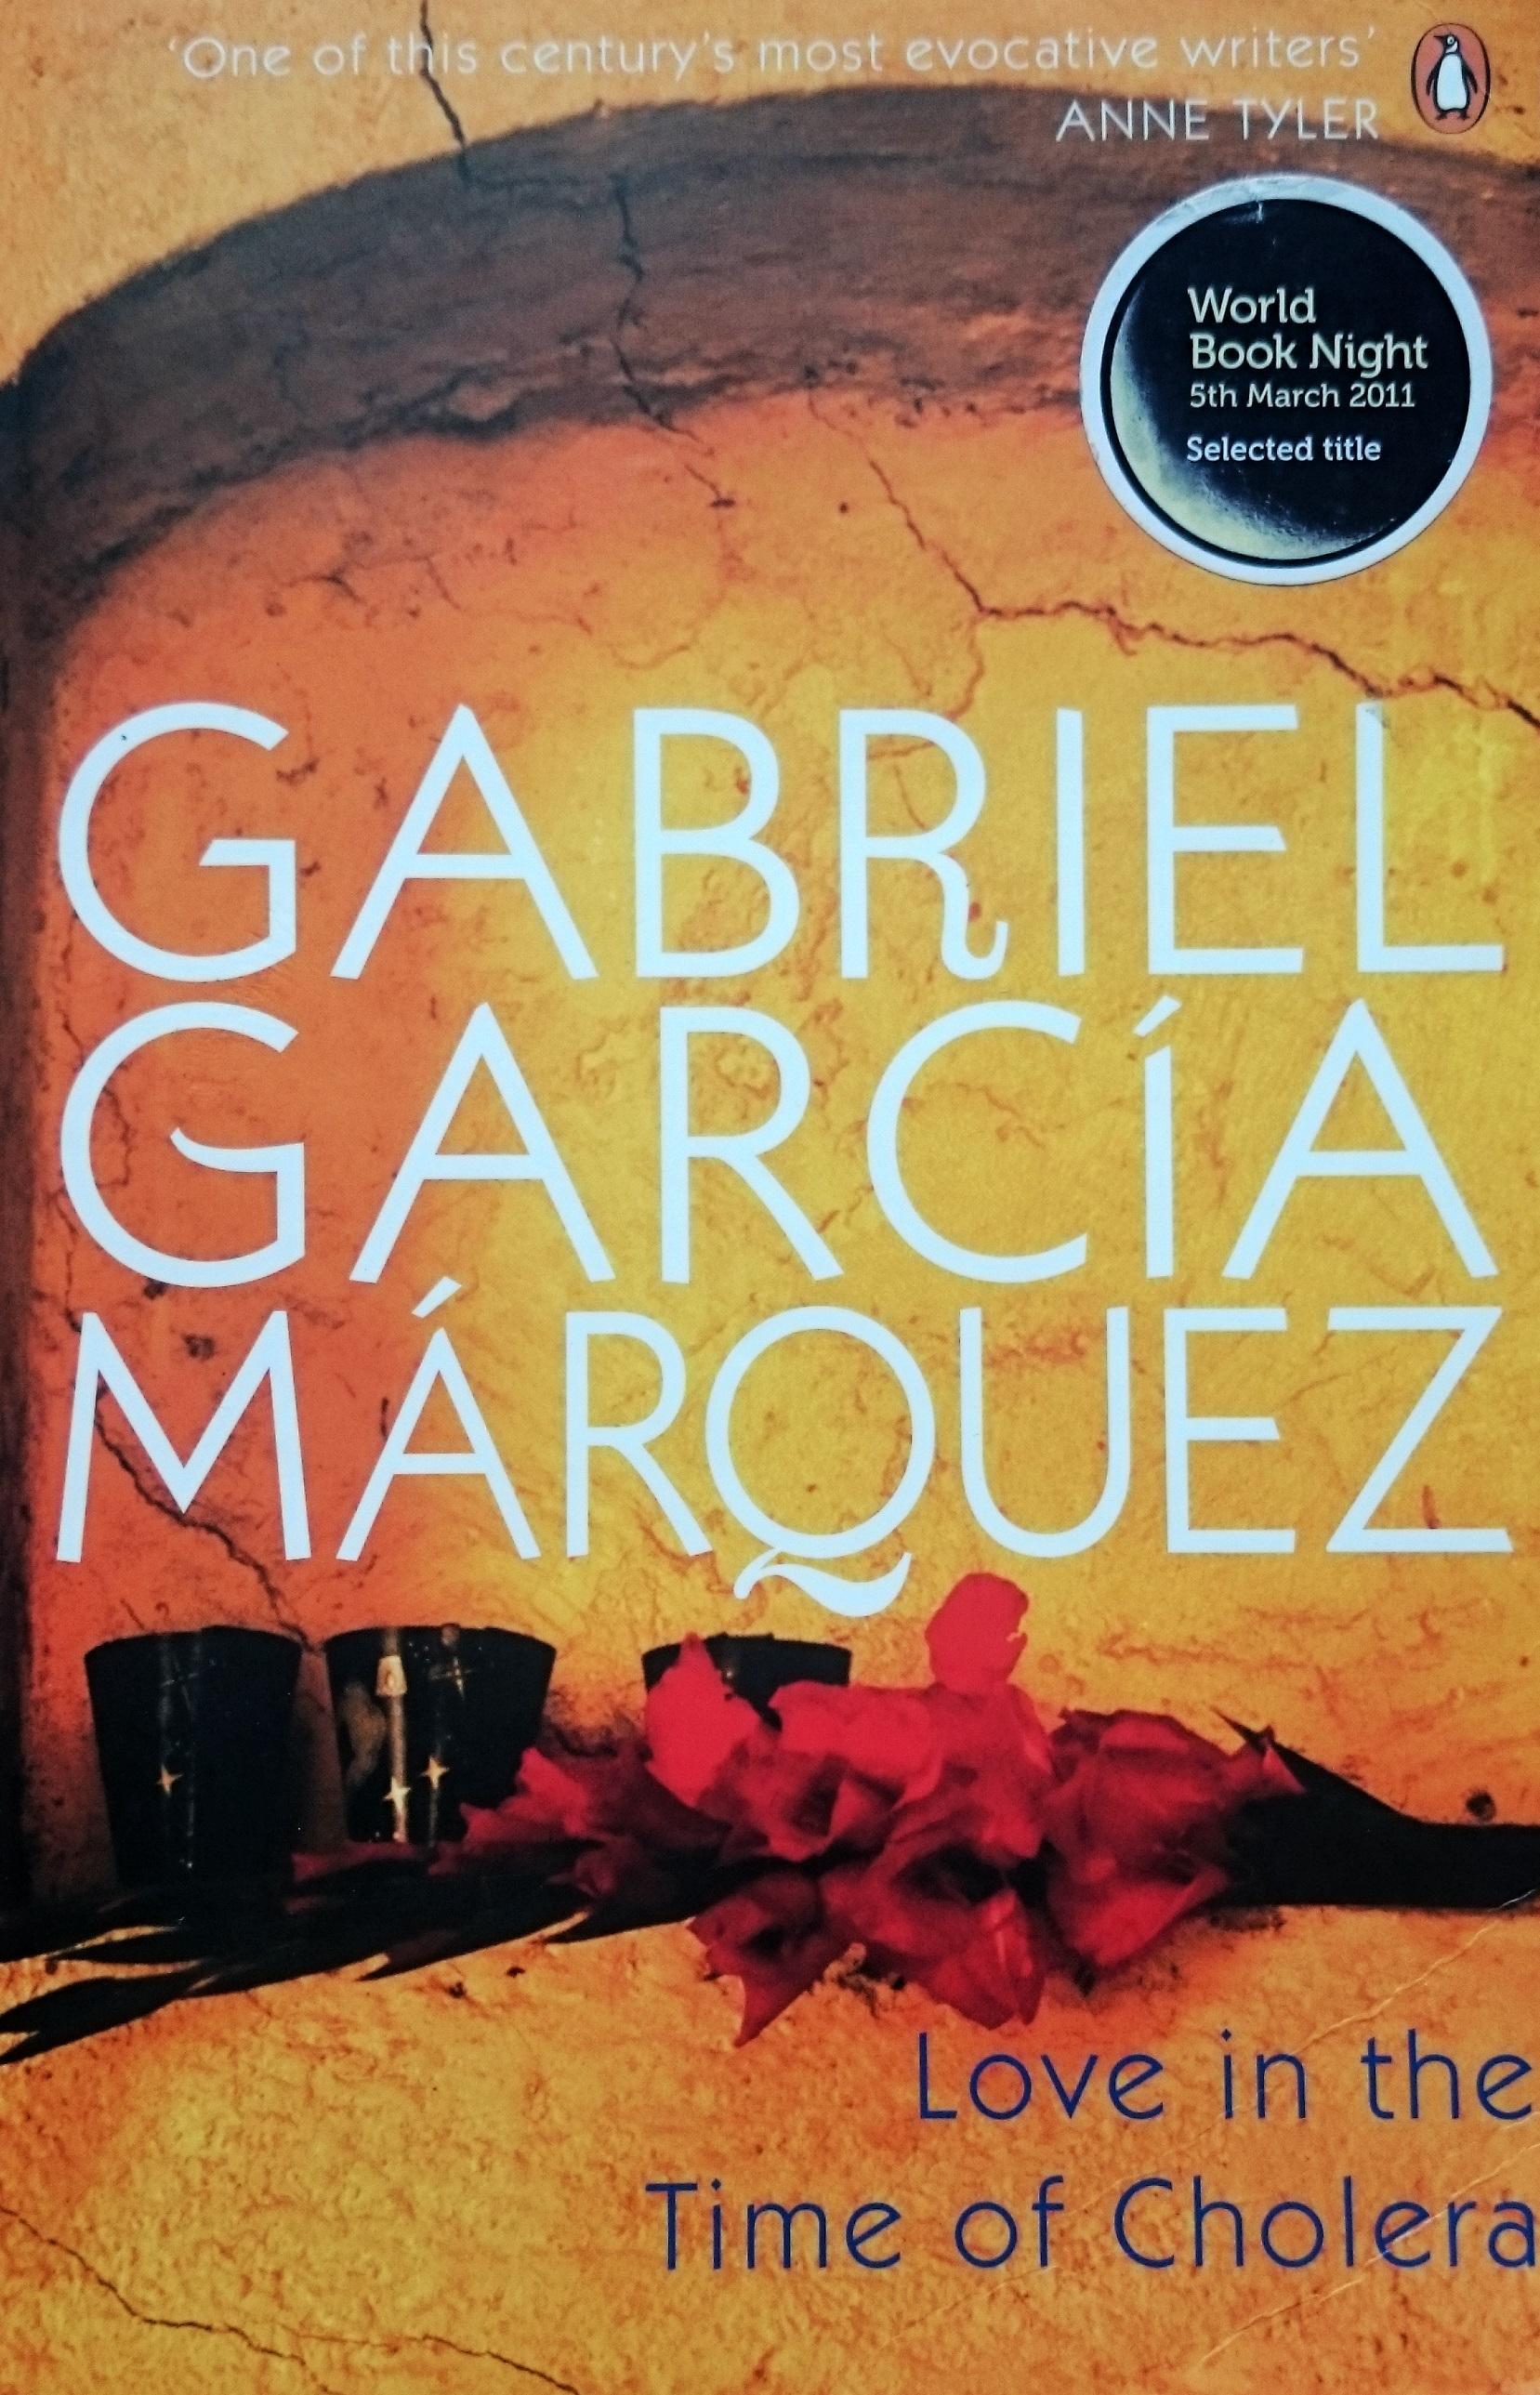 Love in la by dagoberto gilb